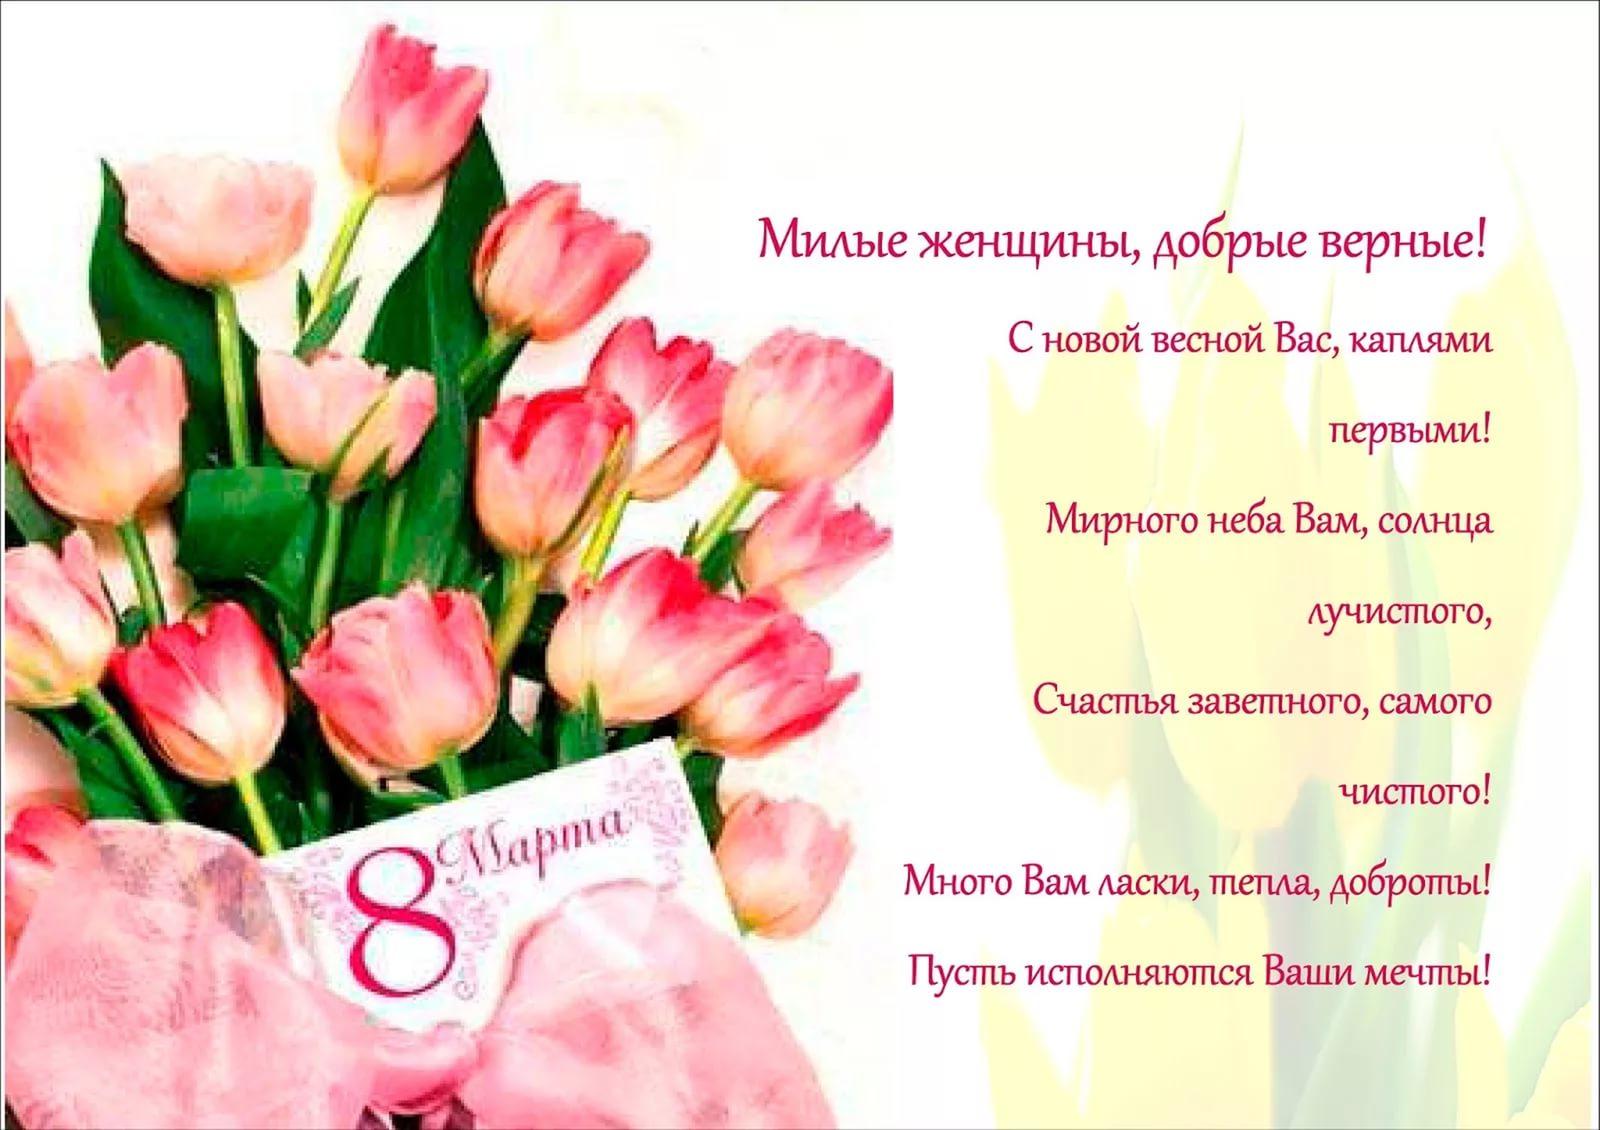 Поздравление к 8 марта девушке маме